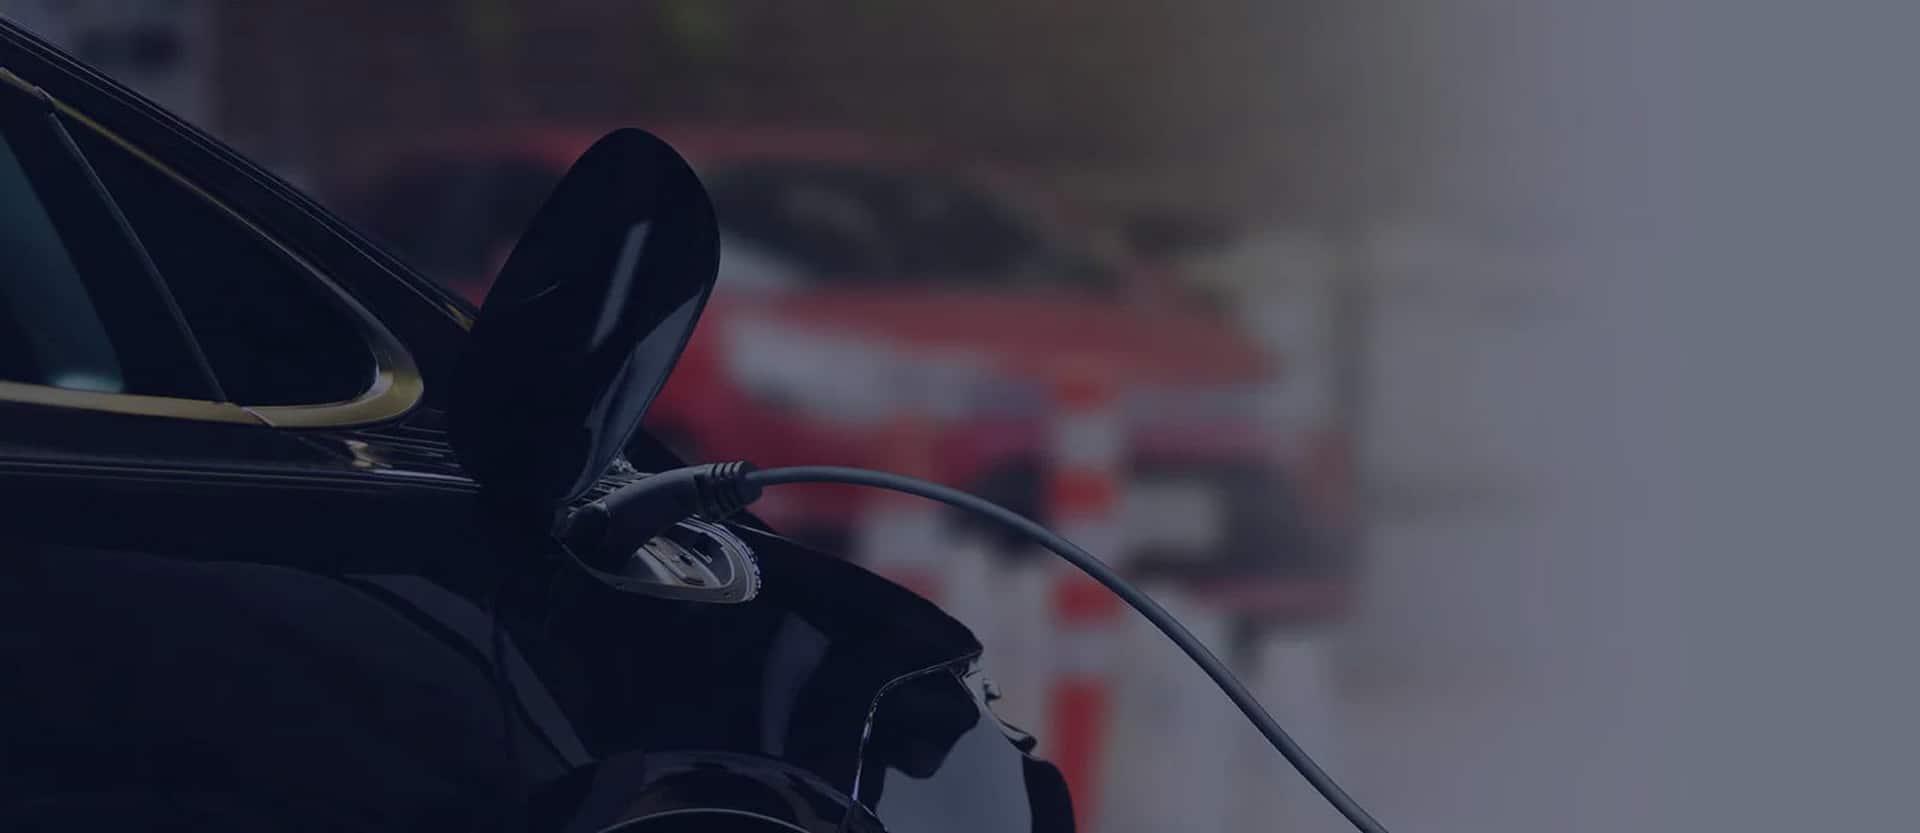 Elektromobilis ir krovimo kabelis